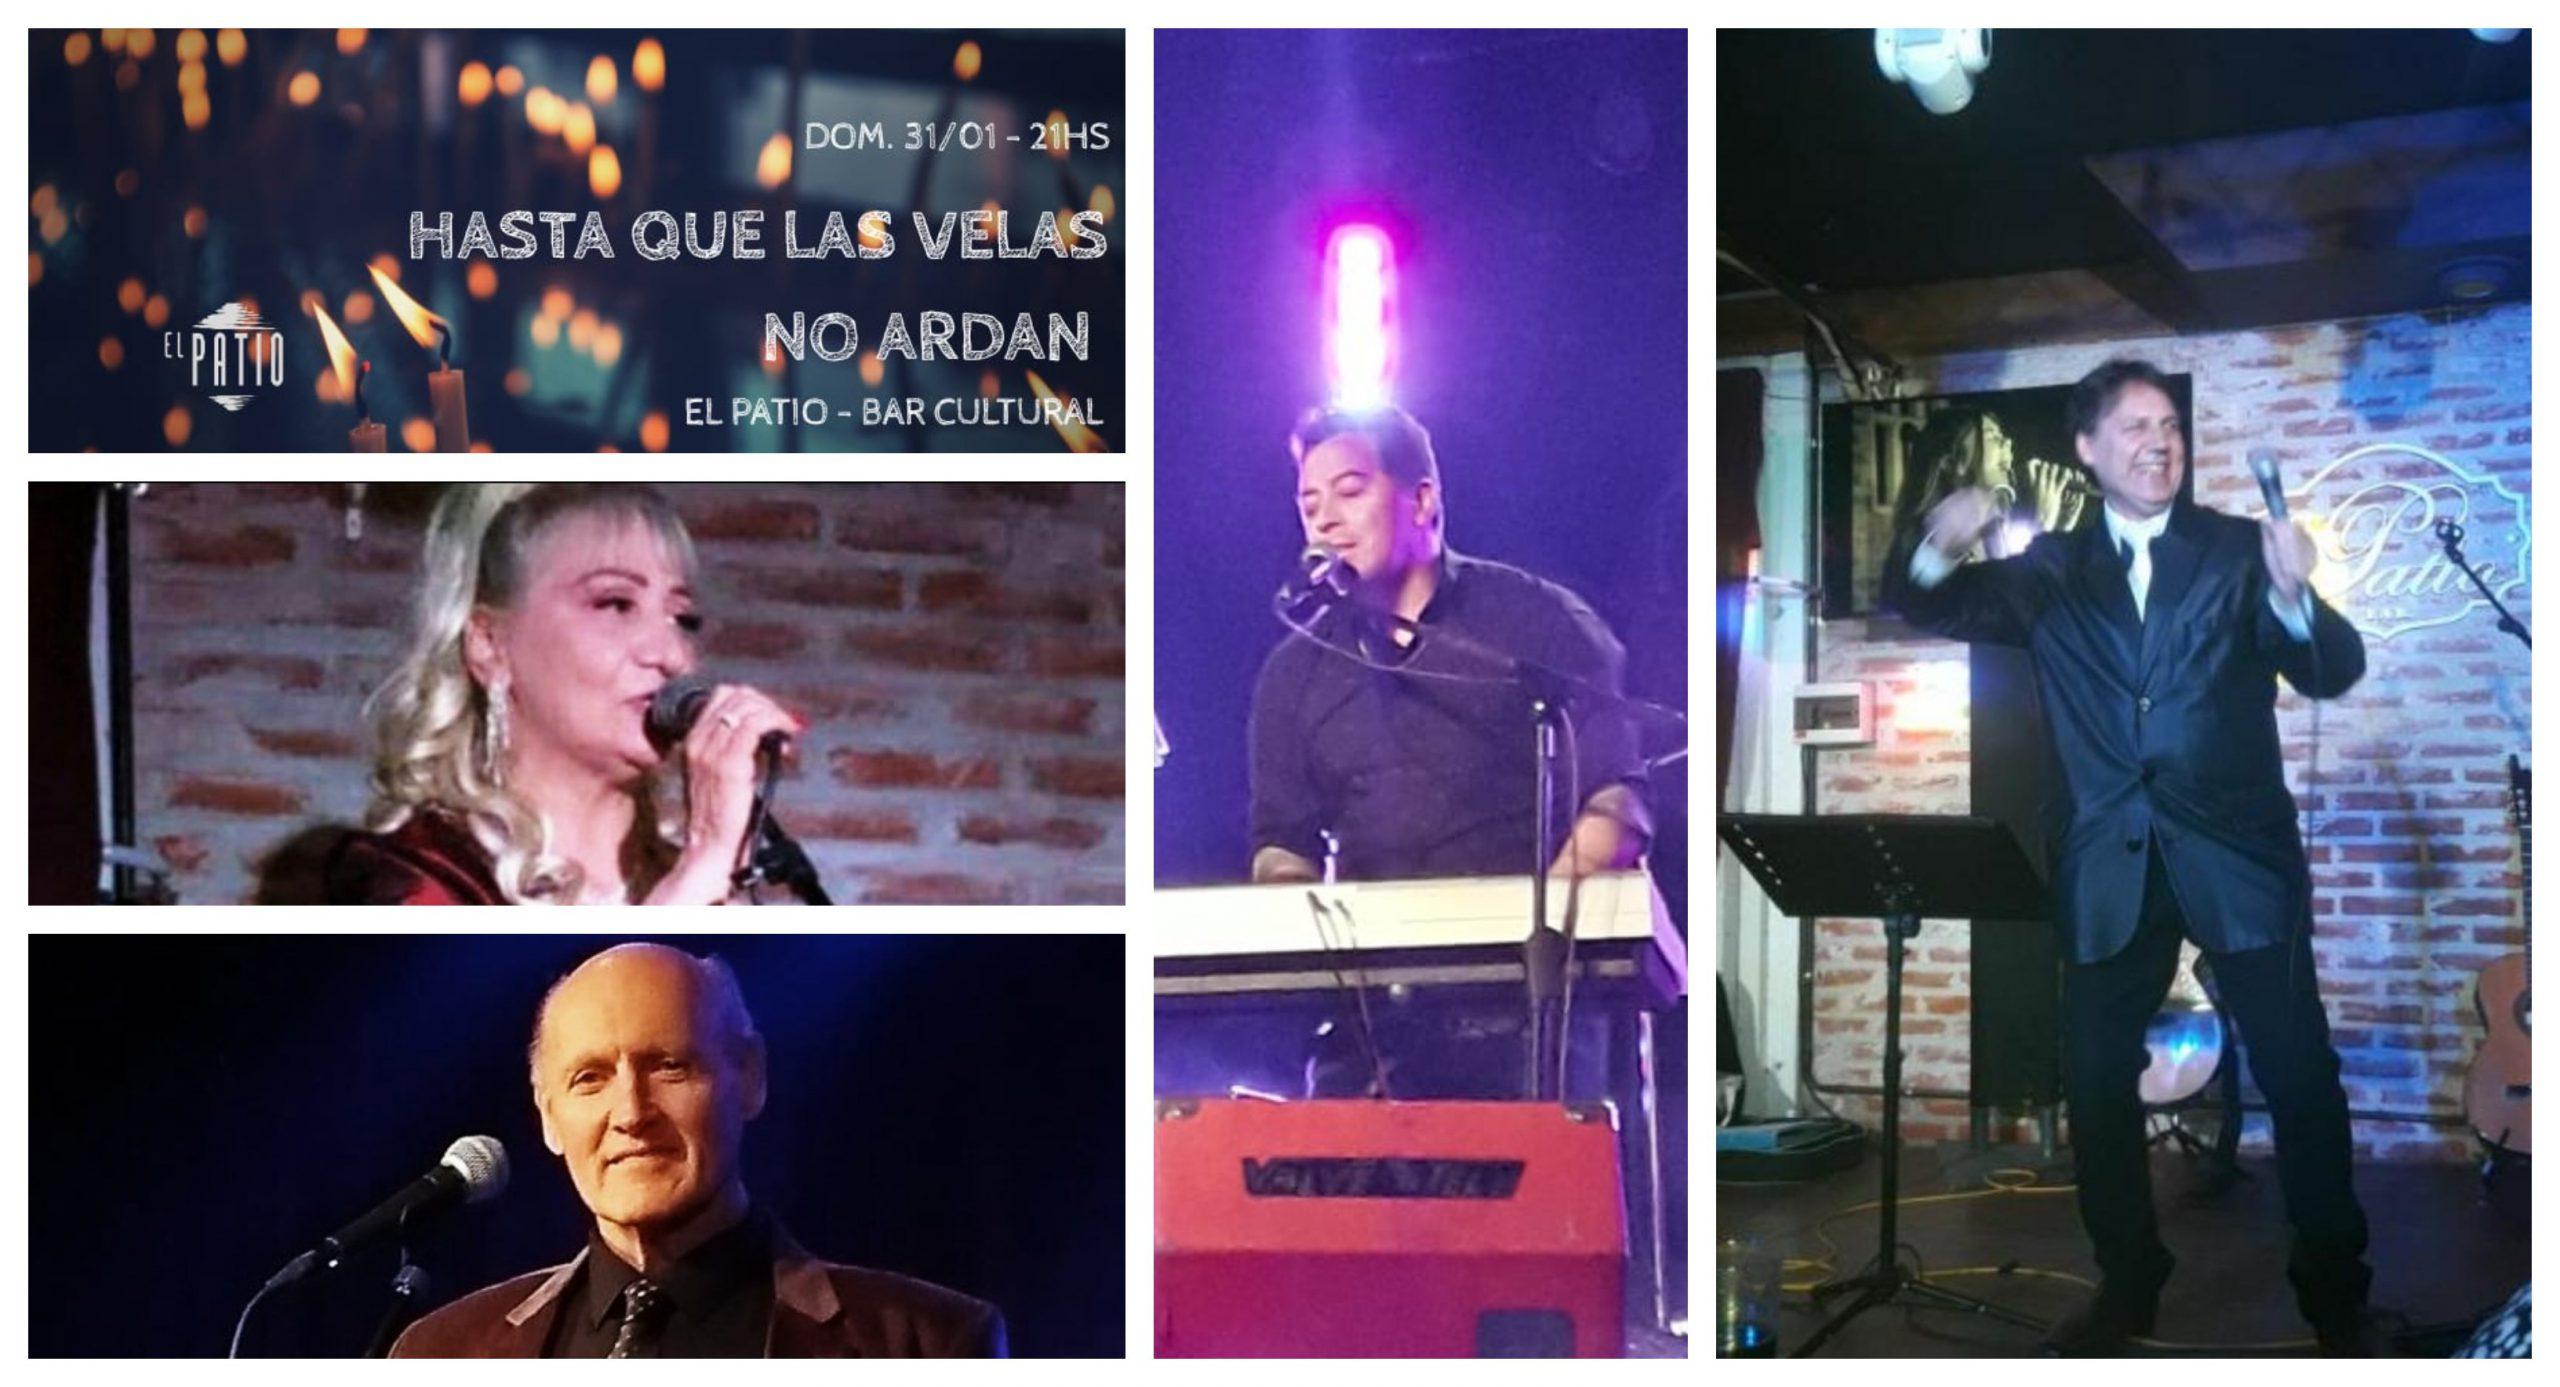 """Artistas marplatenses """"Hasta que las velas no ardan"""" en El Patio Cultural"""